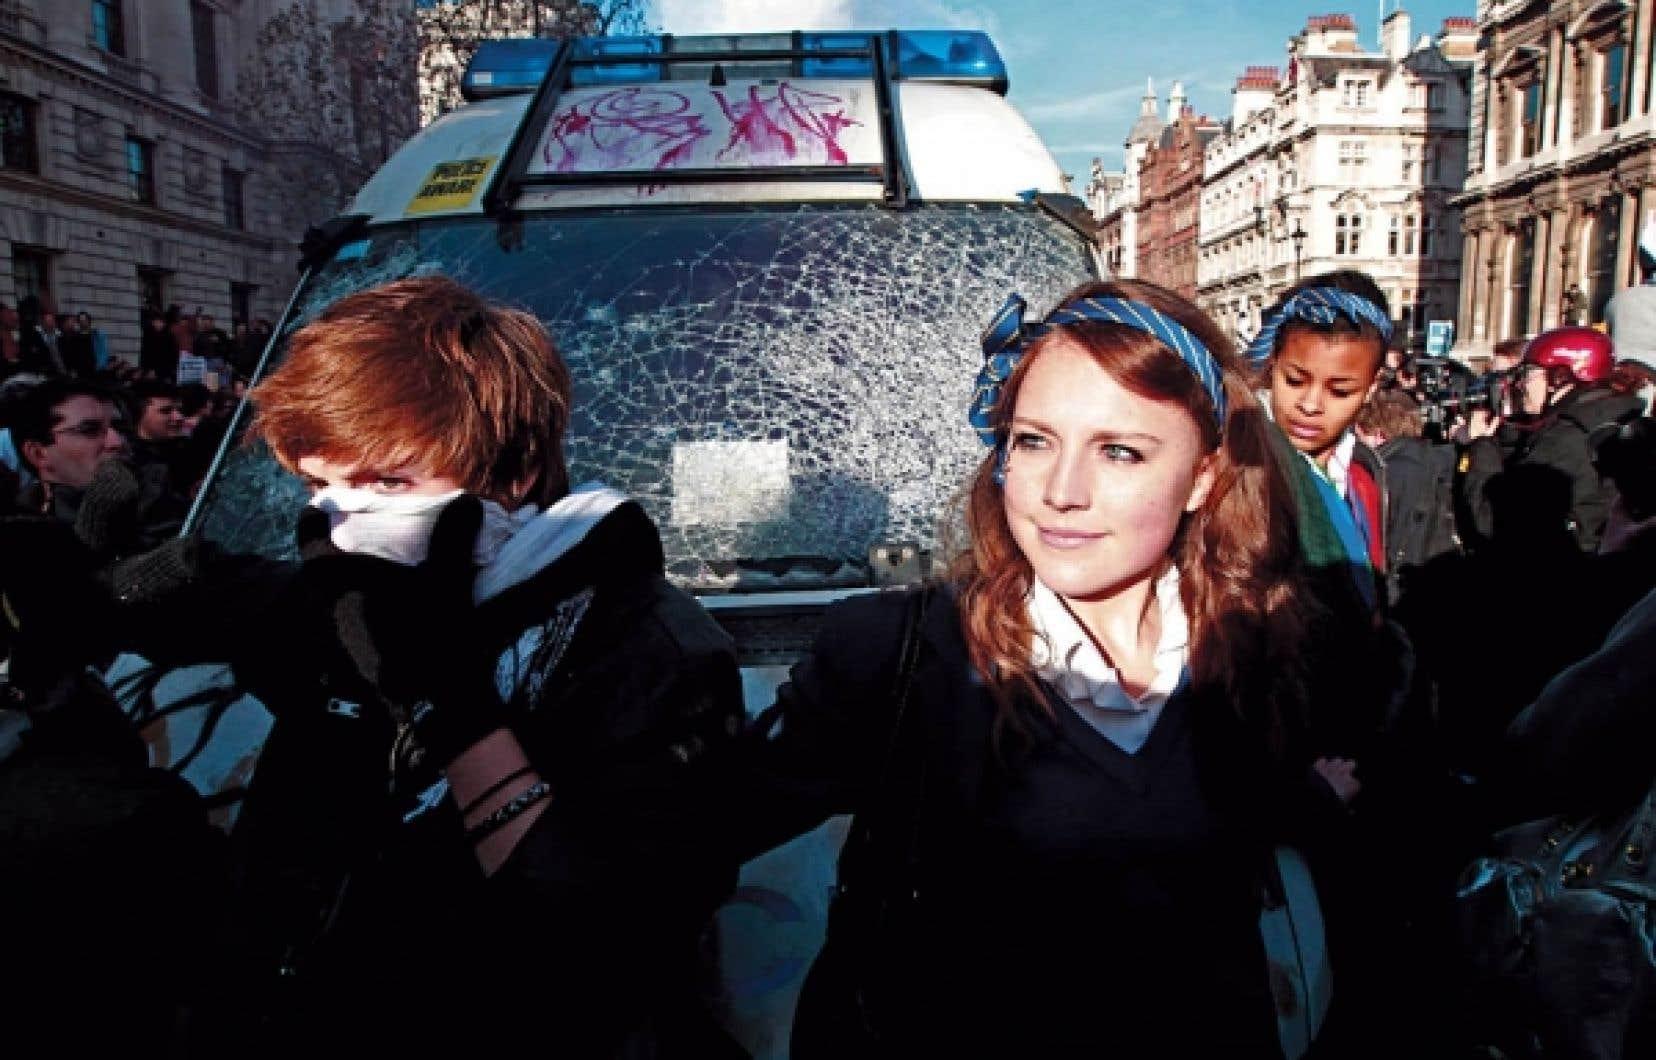 À Londres, des milliers d'étudiants sont descendus dans la rue, affrontant la police, pour manifester contre la hausse des droits de scolarité.<br />